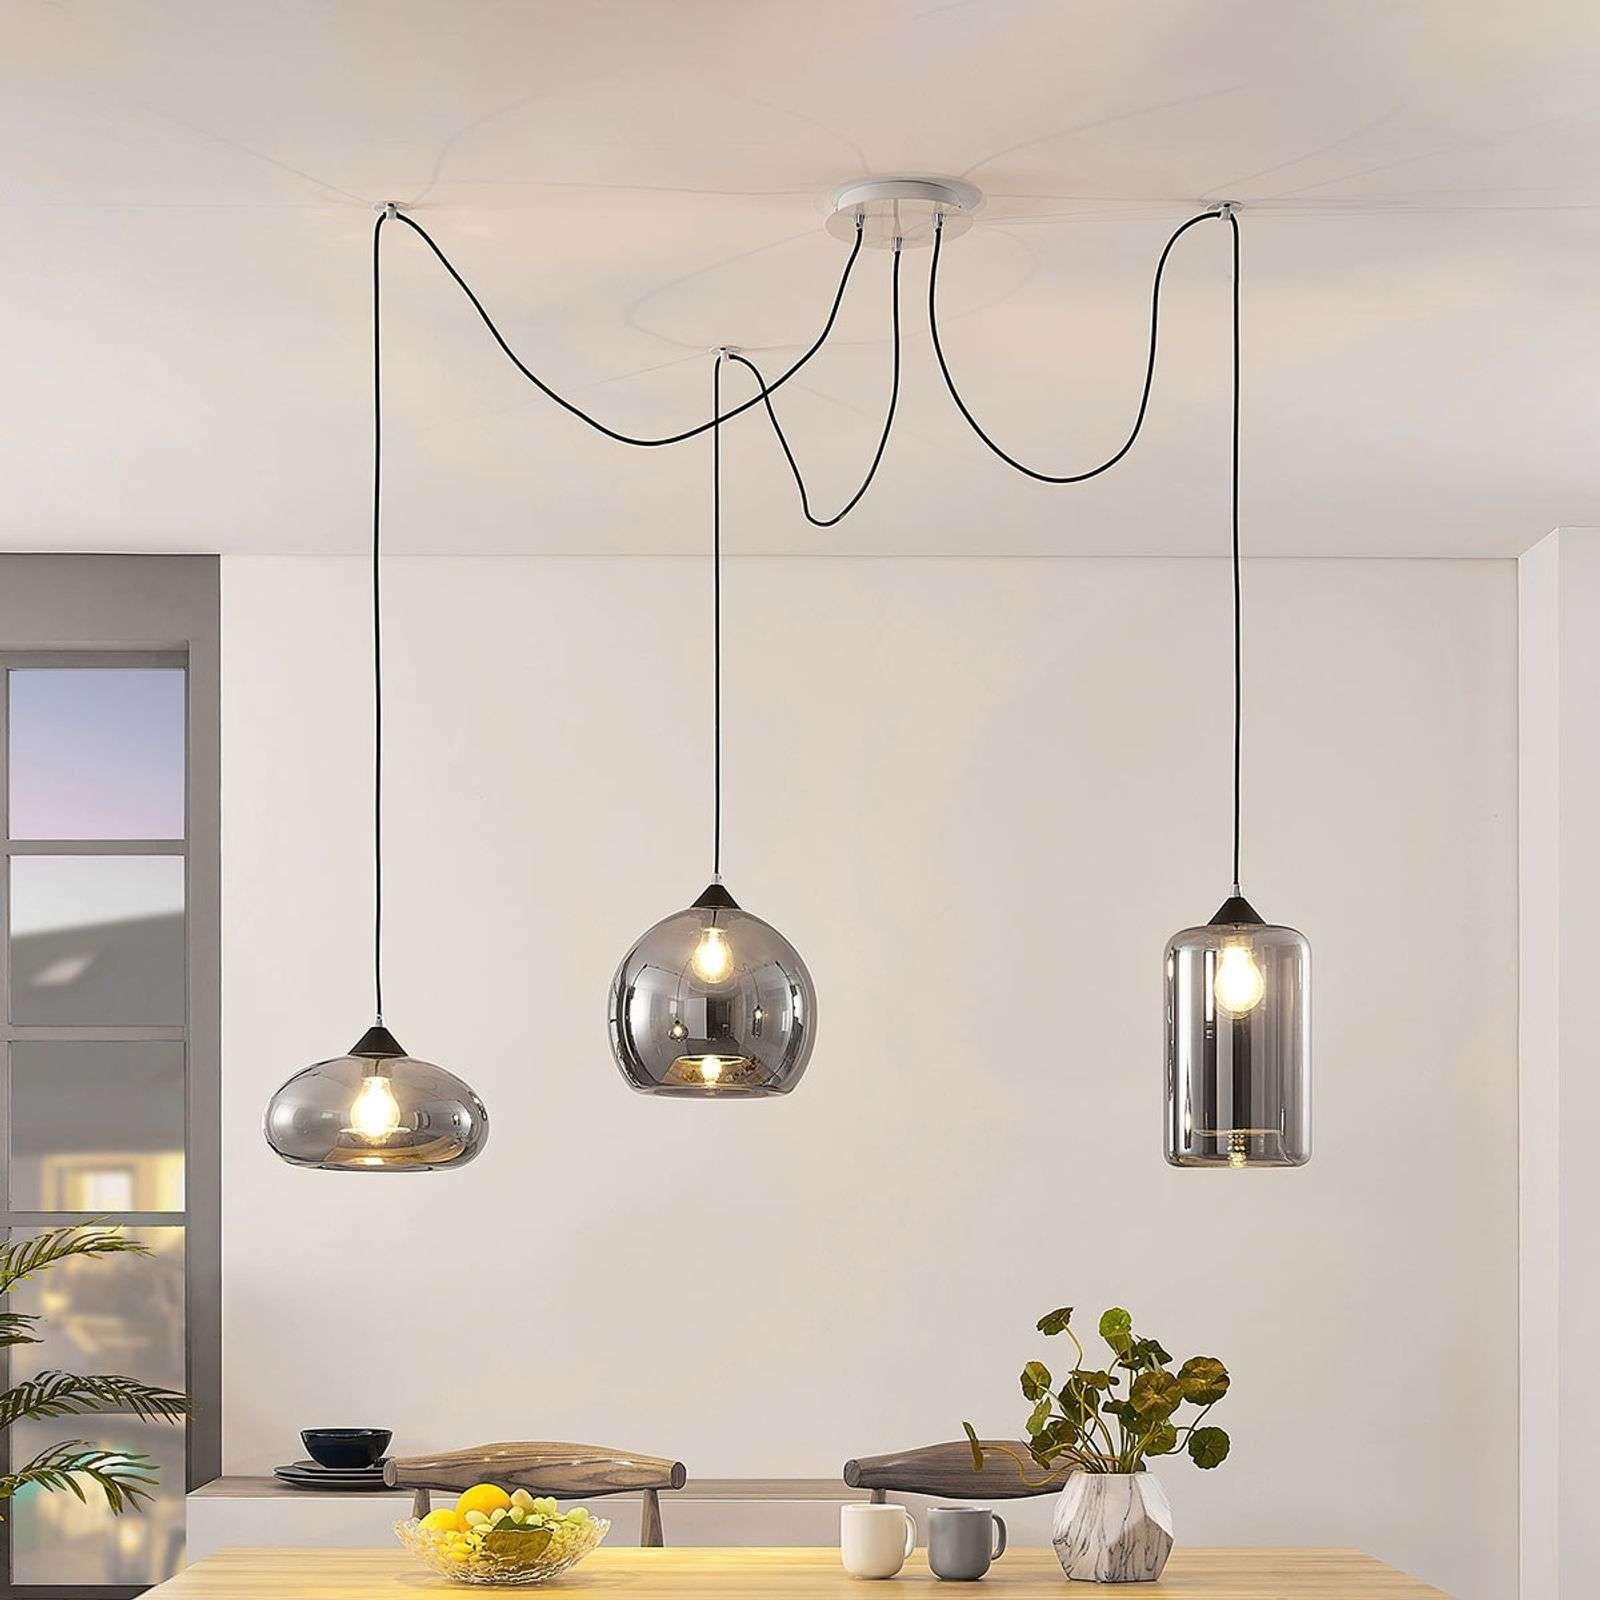 Hängeleuchte Küche Hängelampe Esstisch Glas Wohnzimmertisch Pendelleuchte Schwarz Pendel Kitchen Hanging Lamps Glass Table Living Room Glass Dining Table